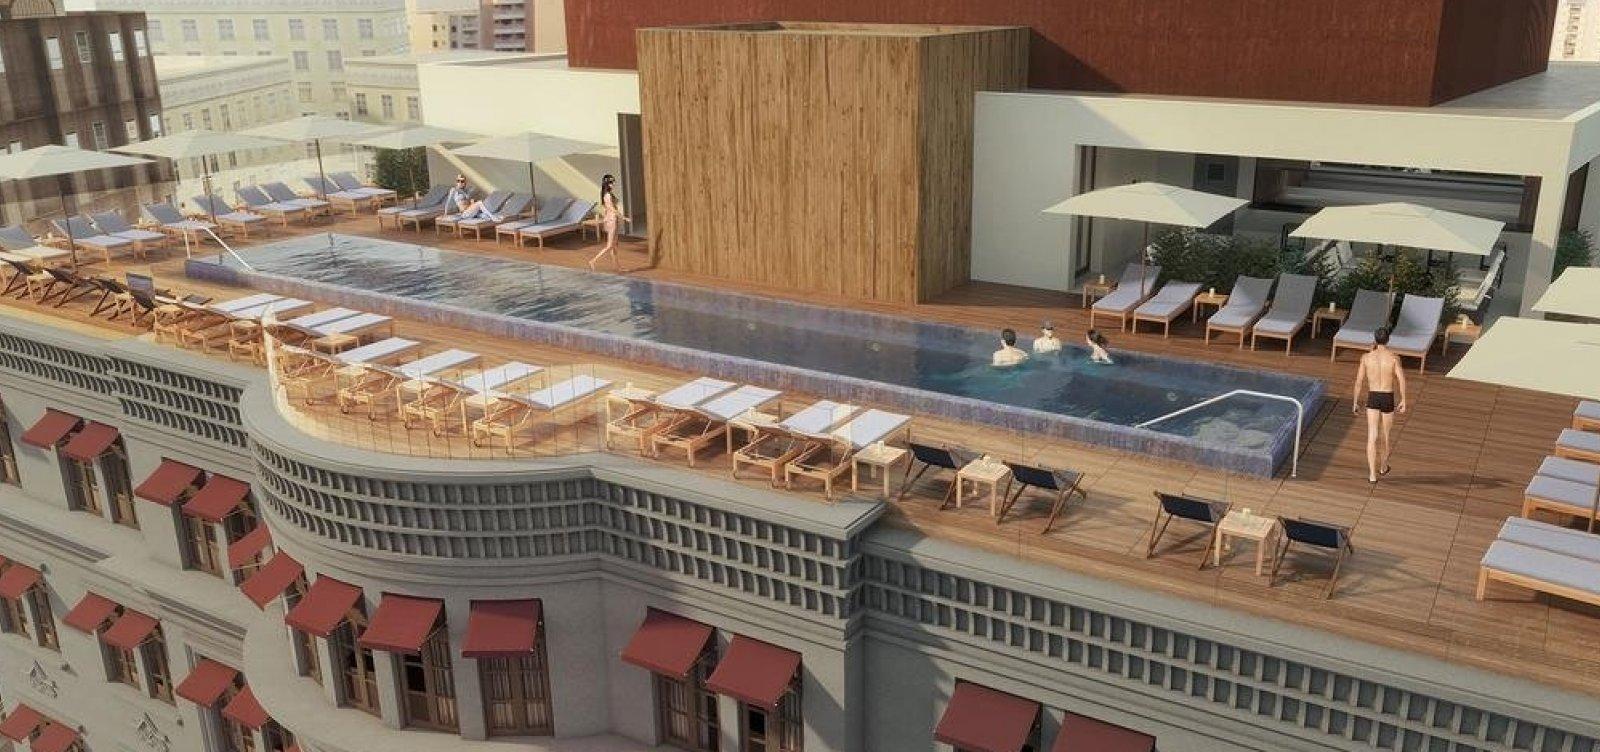 [ Hotel Fasano escolheu a Bahia por ser a 'capital' do Nordeste, diz sócio de construtora]